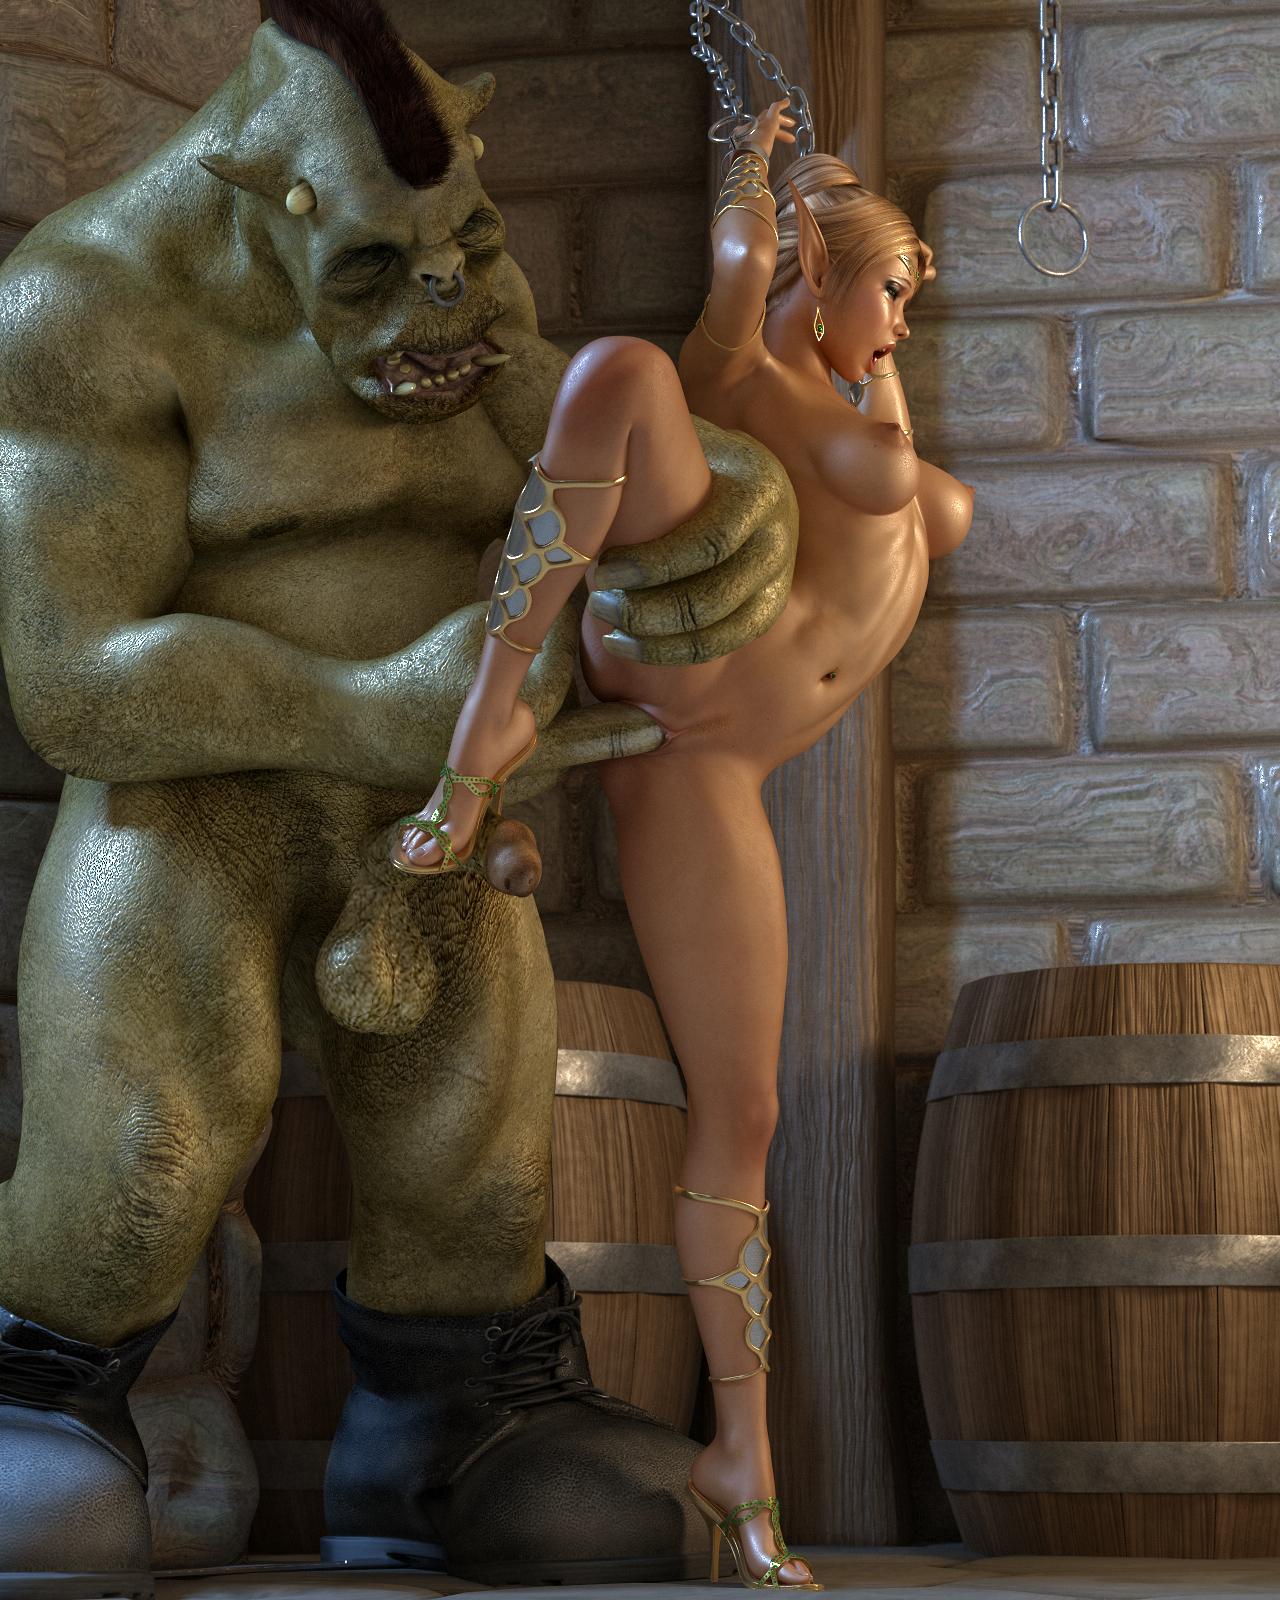 nude hot elven women